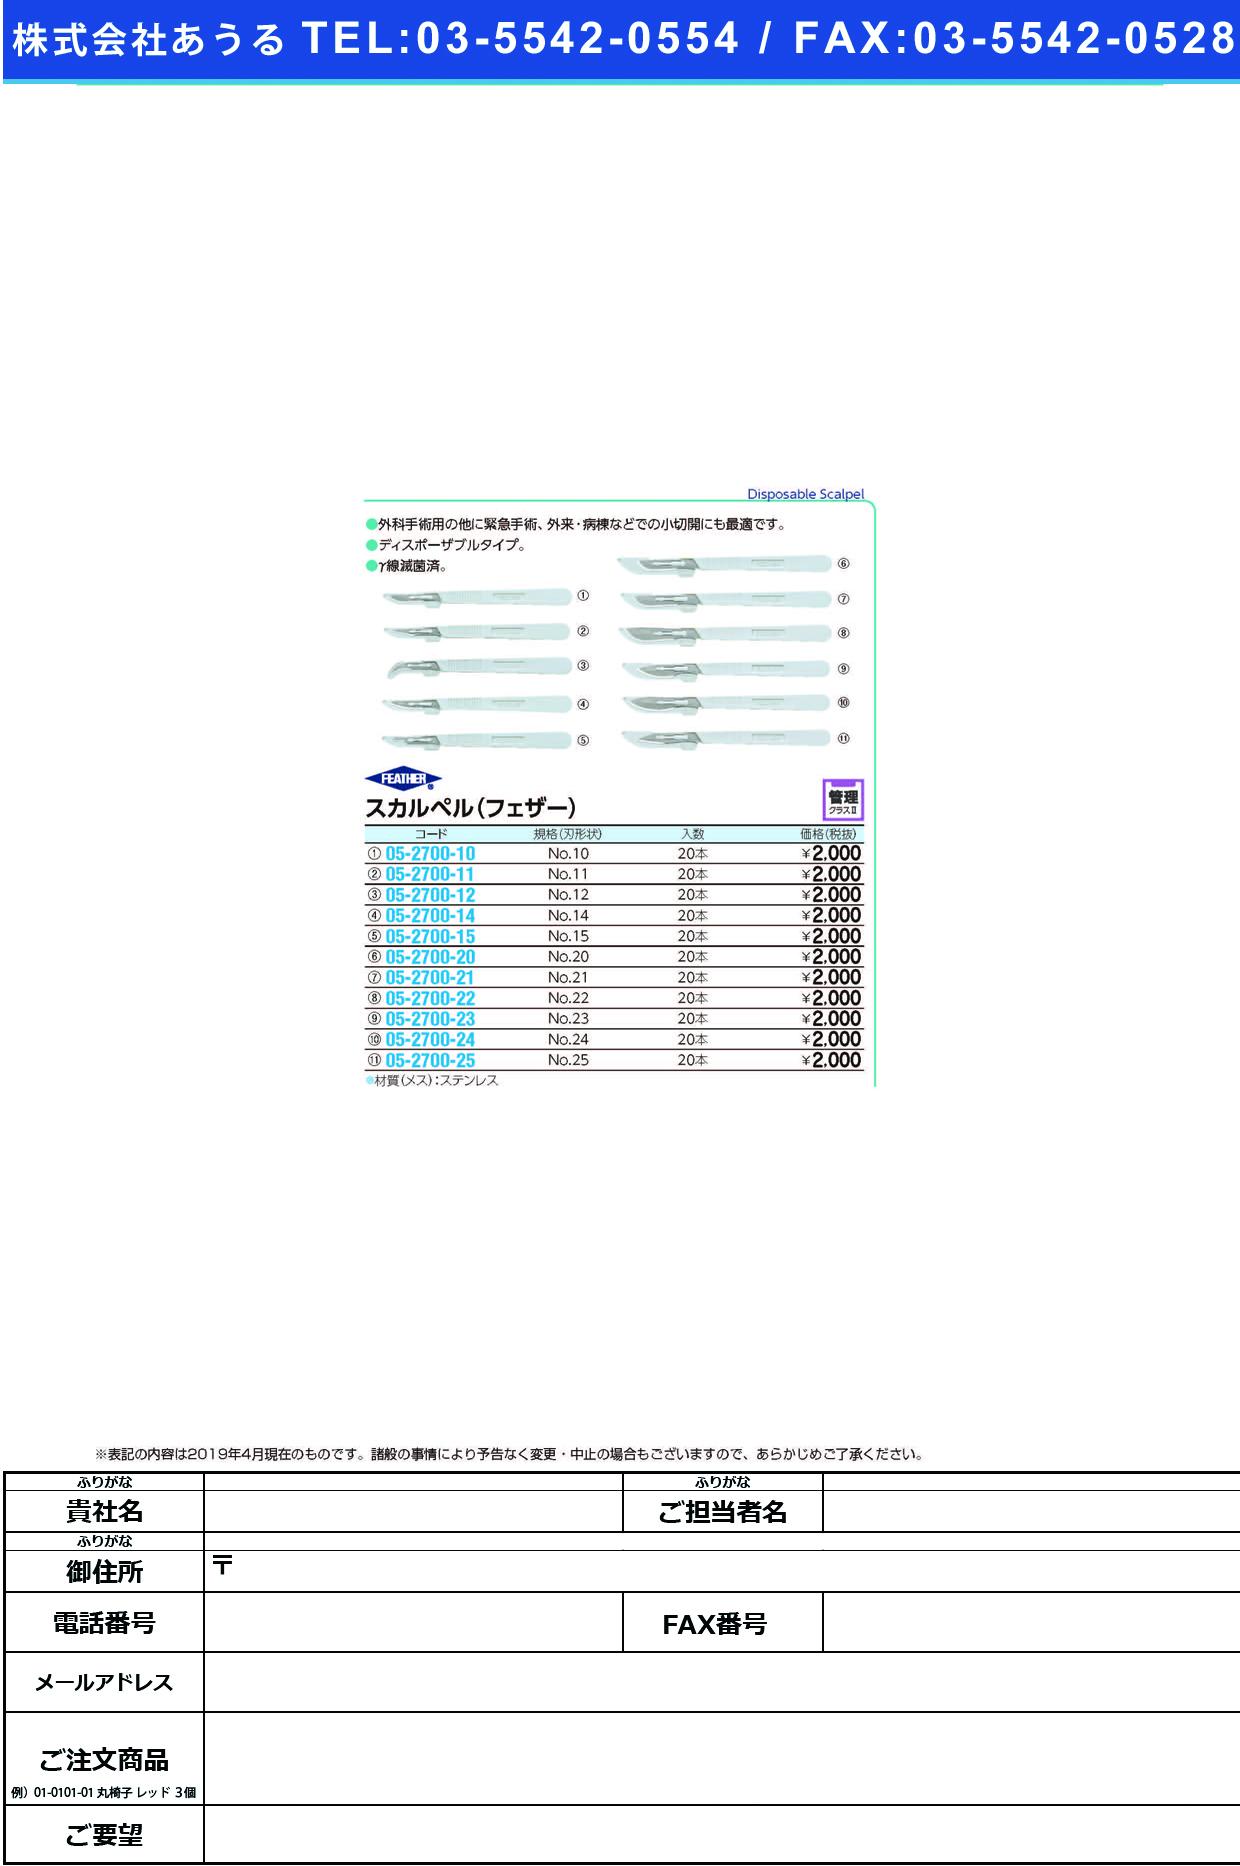 (05-2700-21)スカルペル(フェザー)20本入 NO.21 スカルペル(フェザー)20ポンイリ(フェザー安全剃刀)【1箱単位】【2019年カタログ商品】